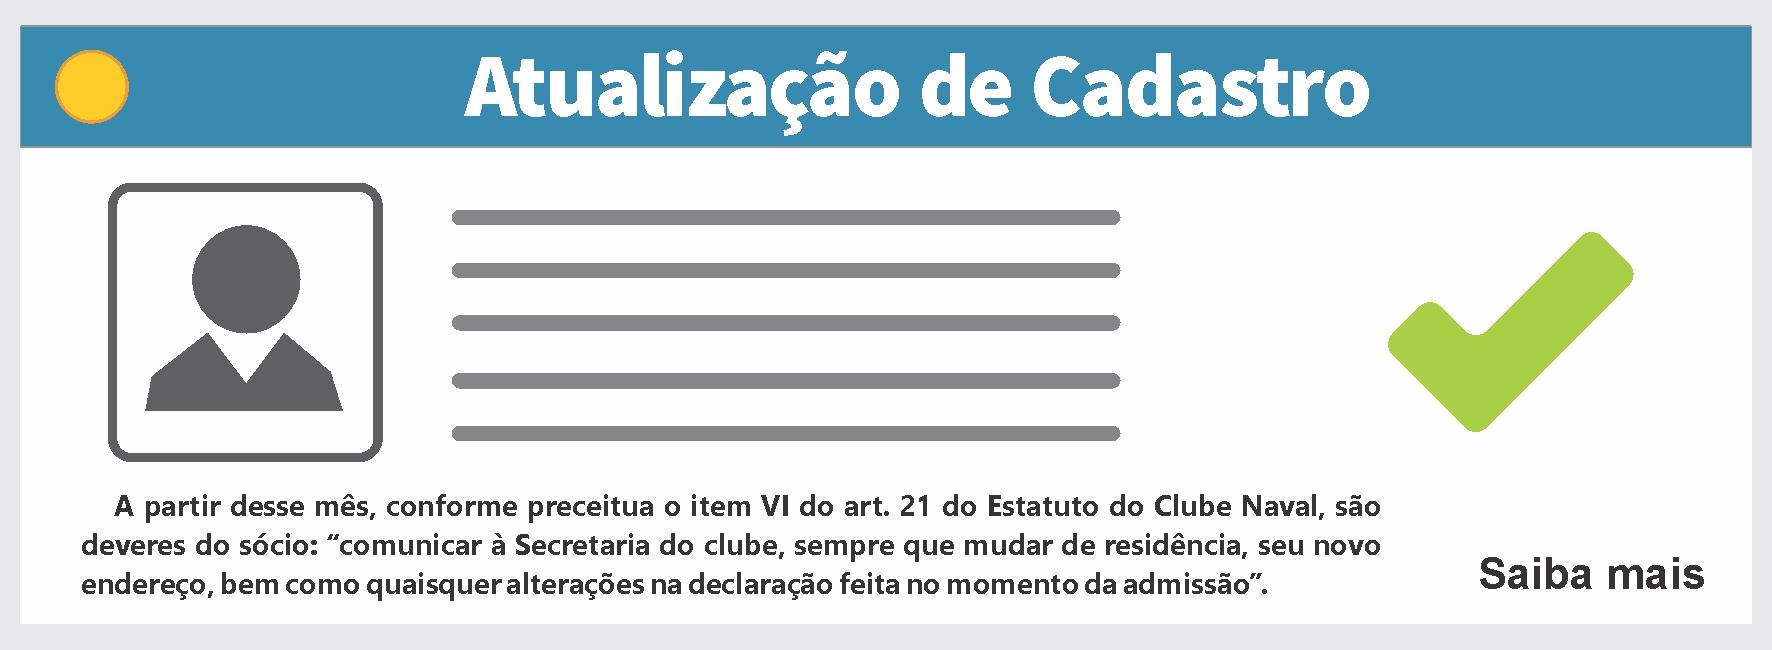 https://www.clubenaval.org.br/novo/atualize-o-seu-cadastro